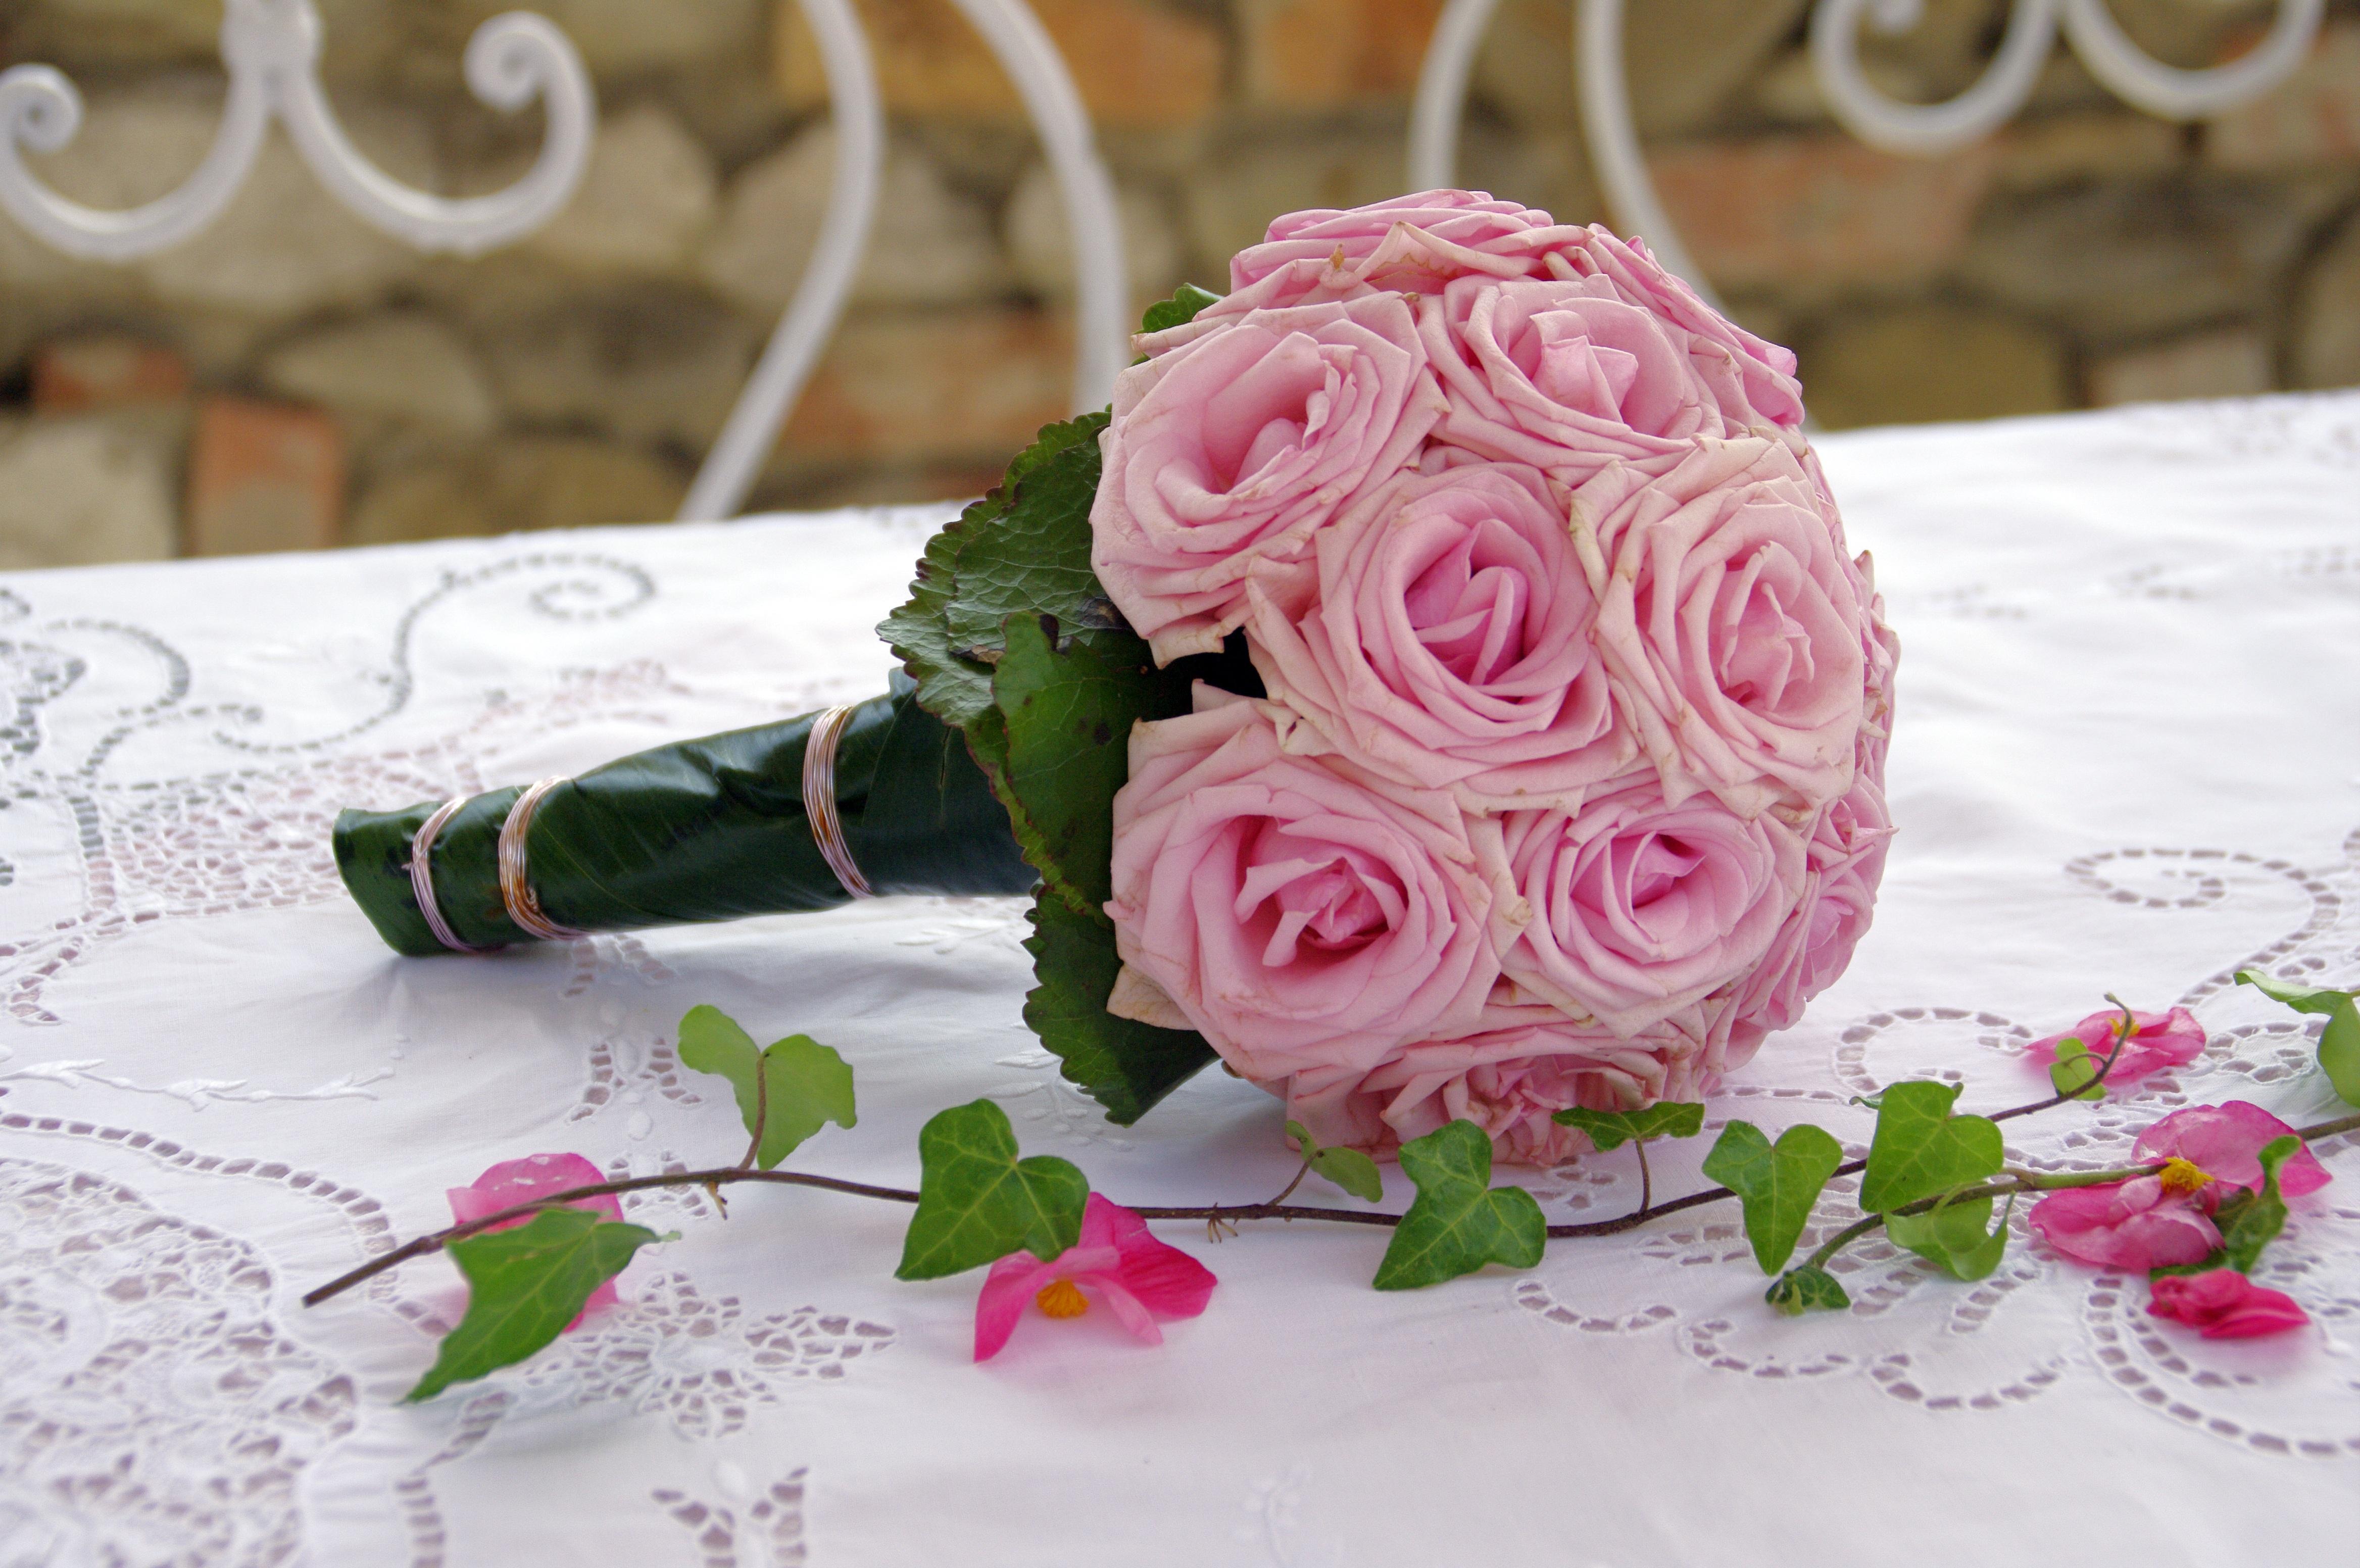 Kostenlose Foto Blume Blutenblatt Rosa Hochzeit Rosen Kunst